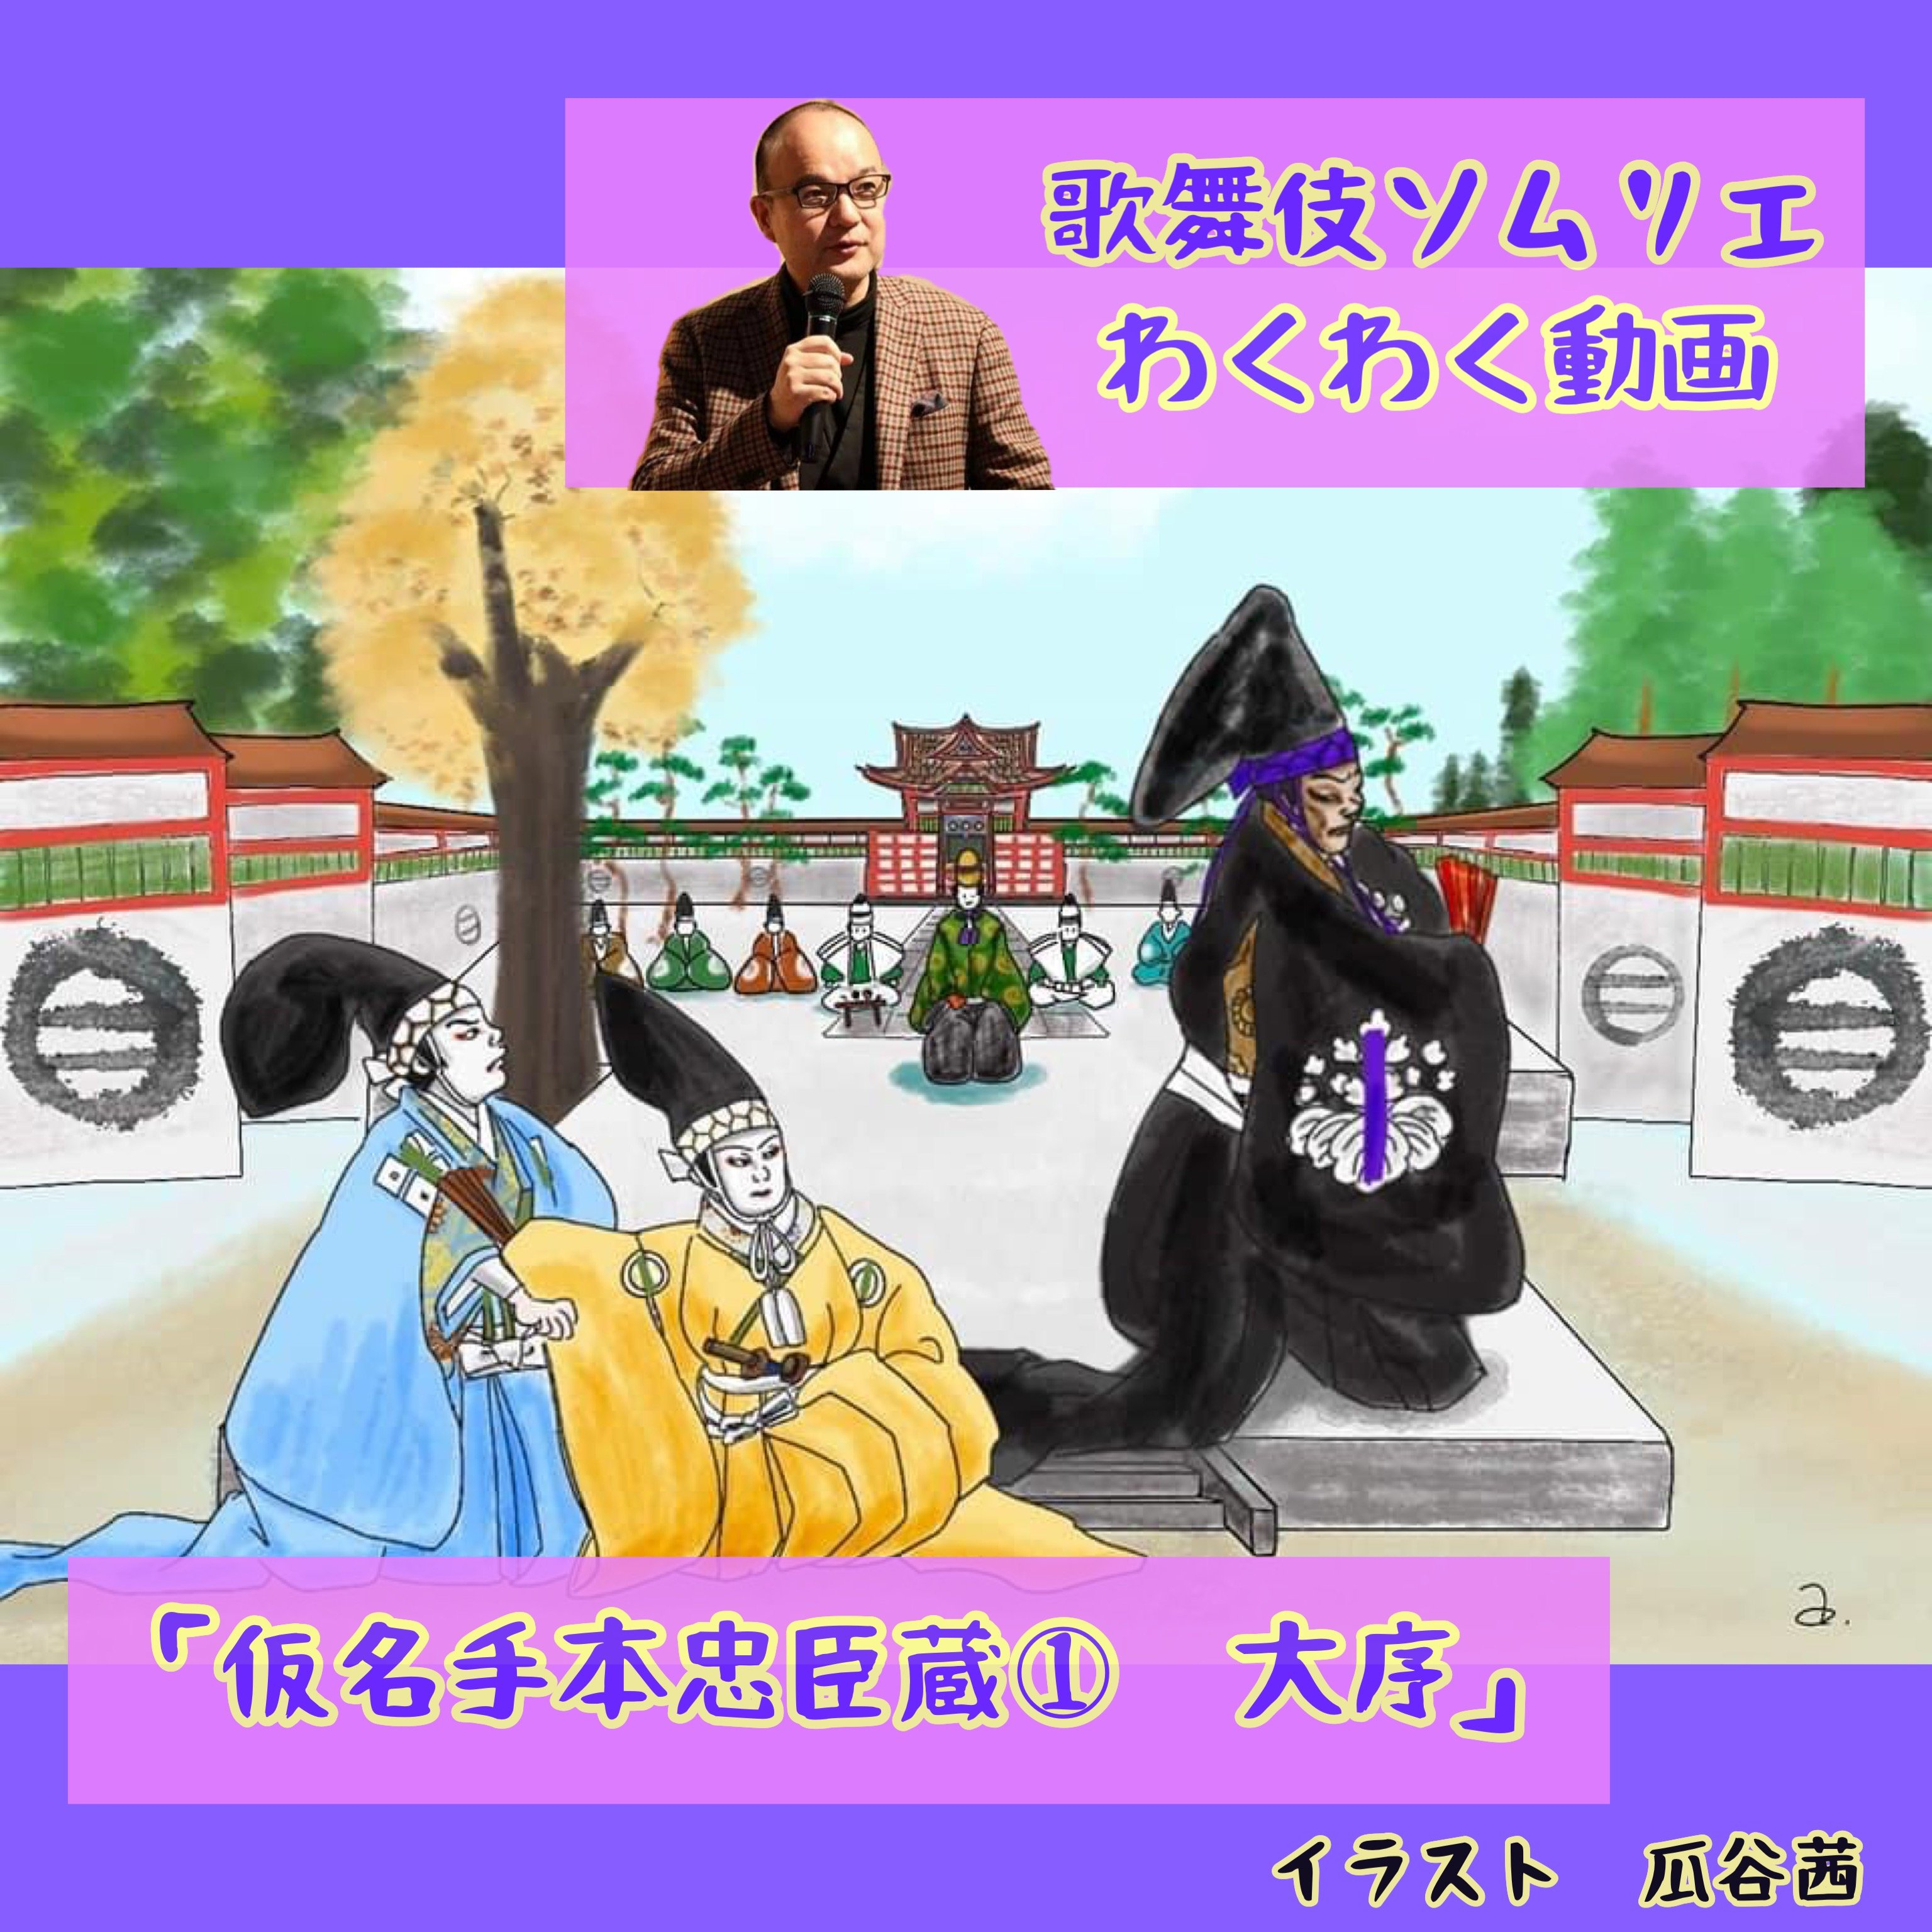 おくだ健太郎・歌舞伎ソムリエが、わかりやすく楽しく、歌舞伎の名作を解説トーク!歌舞伎ソムリエわくわく動画「仮名手本忠臣蔵① 大序」〜かなでほんちゅうしんぐら①だいじょ〜約47分の動画です。のイメージその1